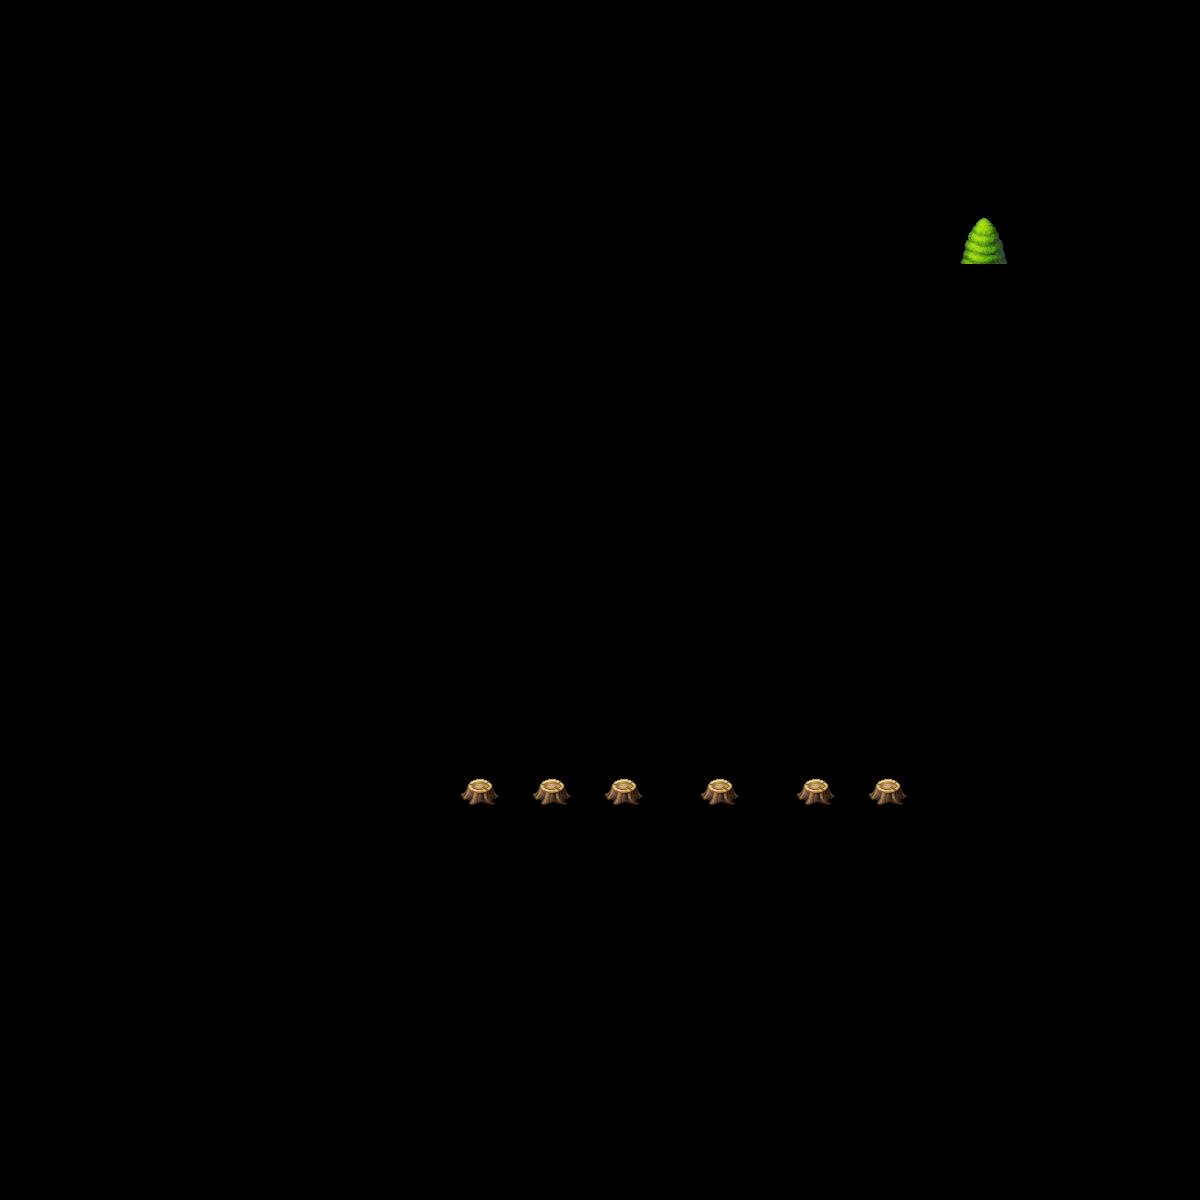 карта на ртп.png